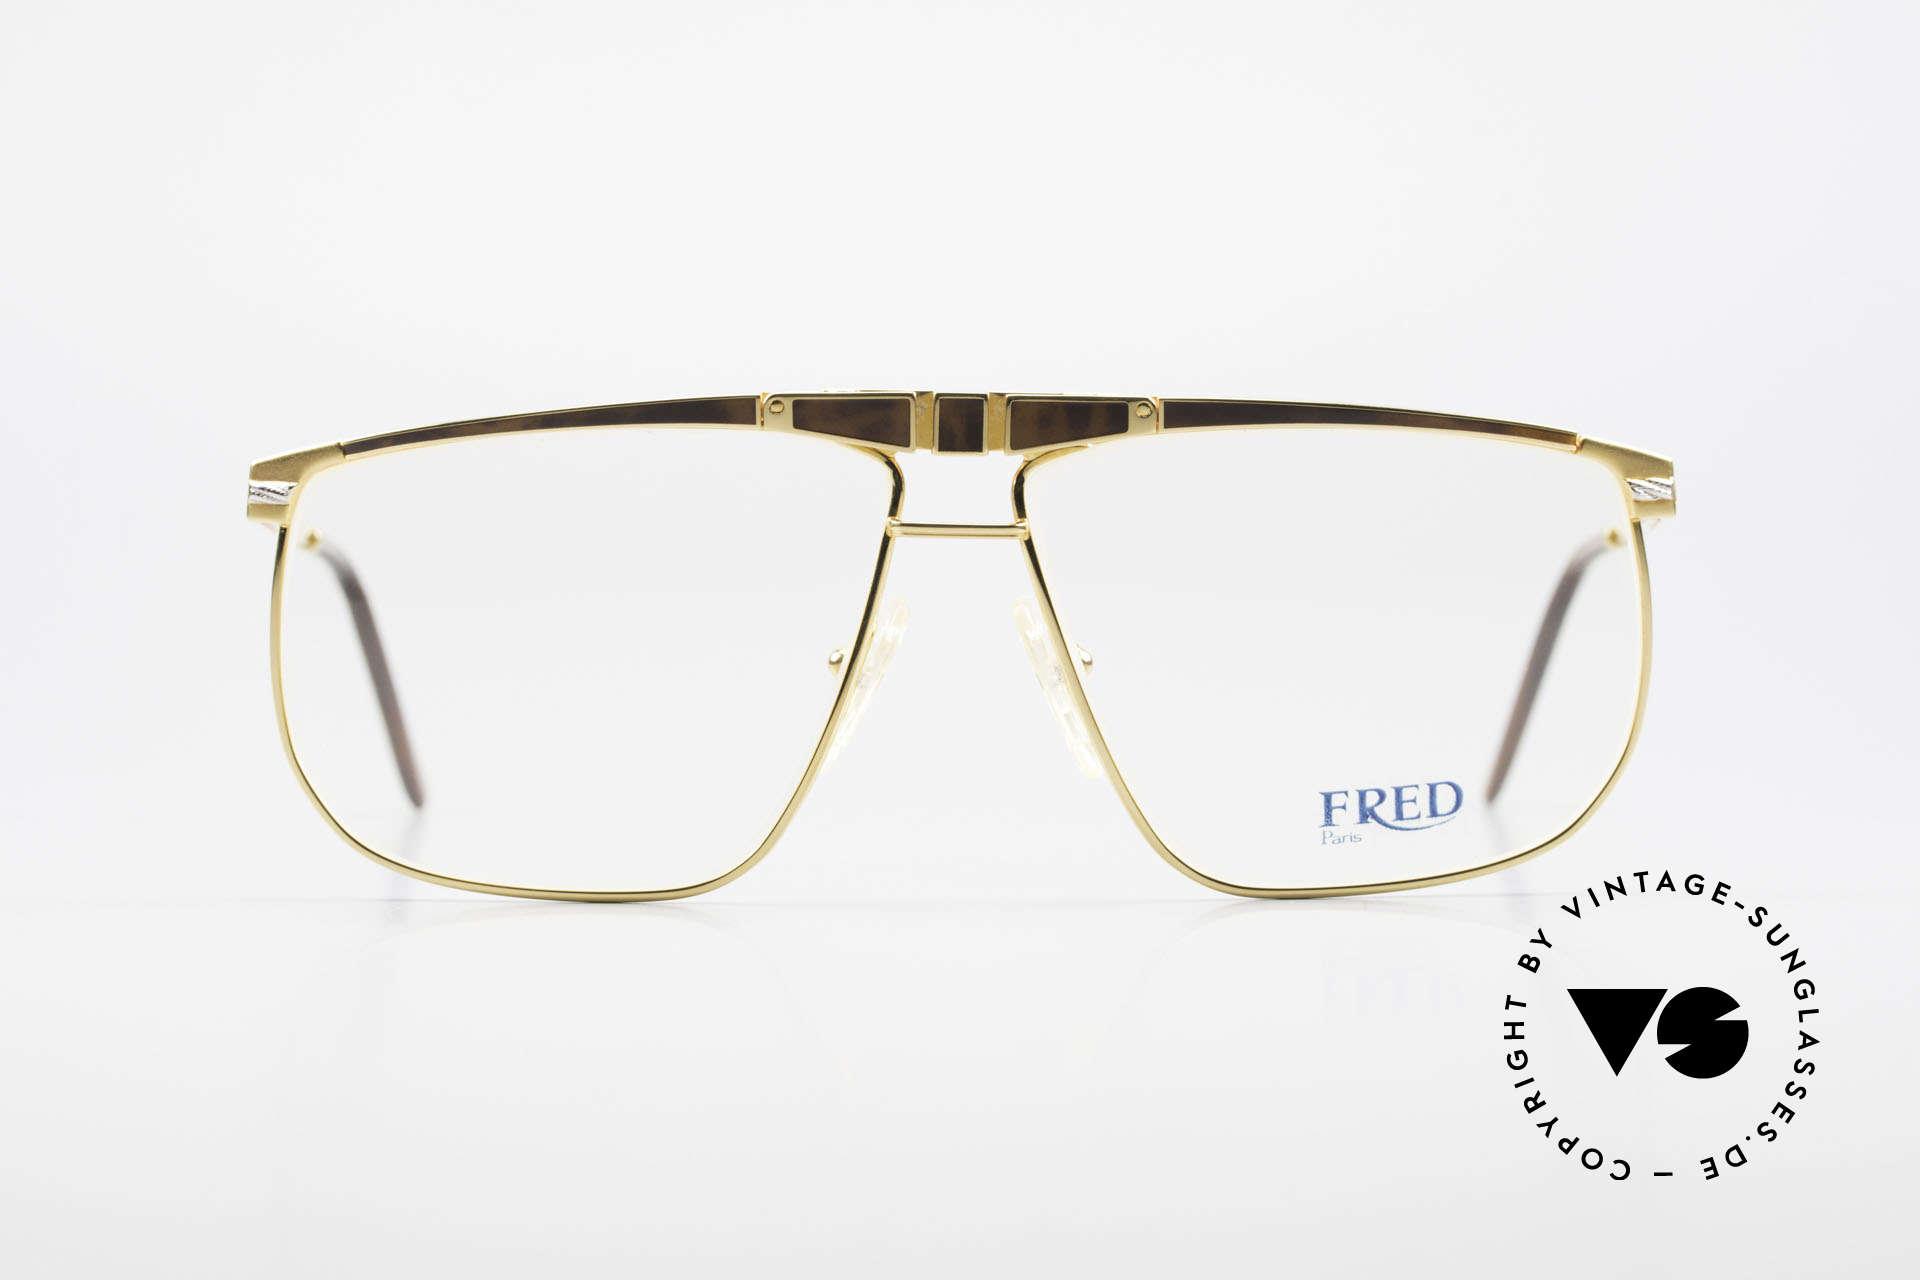 Fred Ocean Luxusbrille Herren Vergoldet, marines Design (charakteristisch Fred) in Top-Qualität, Passend für Herren